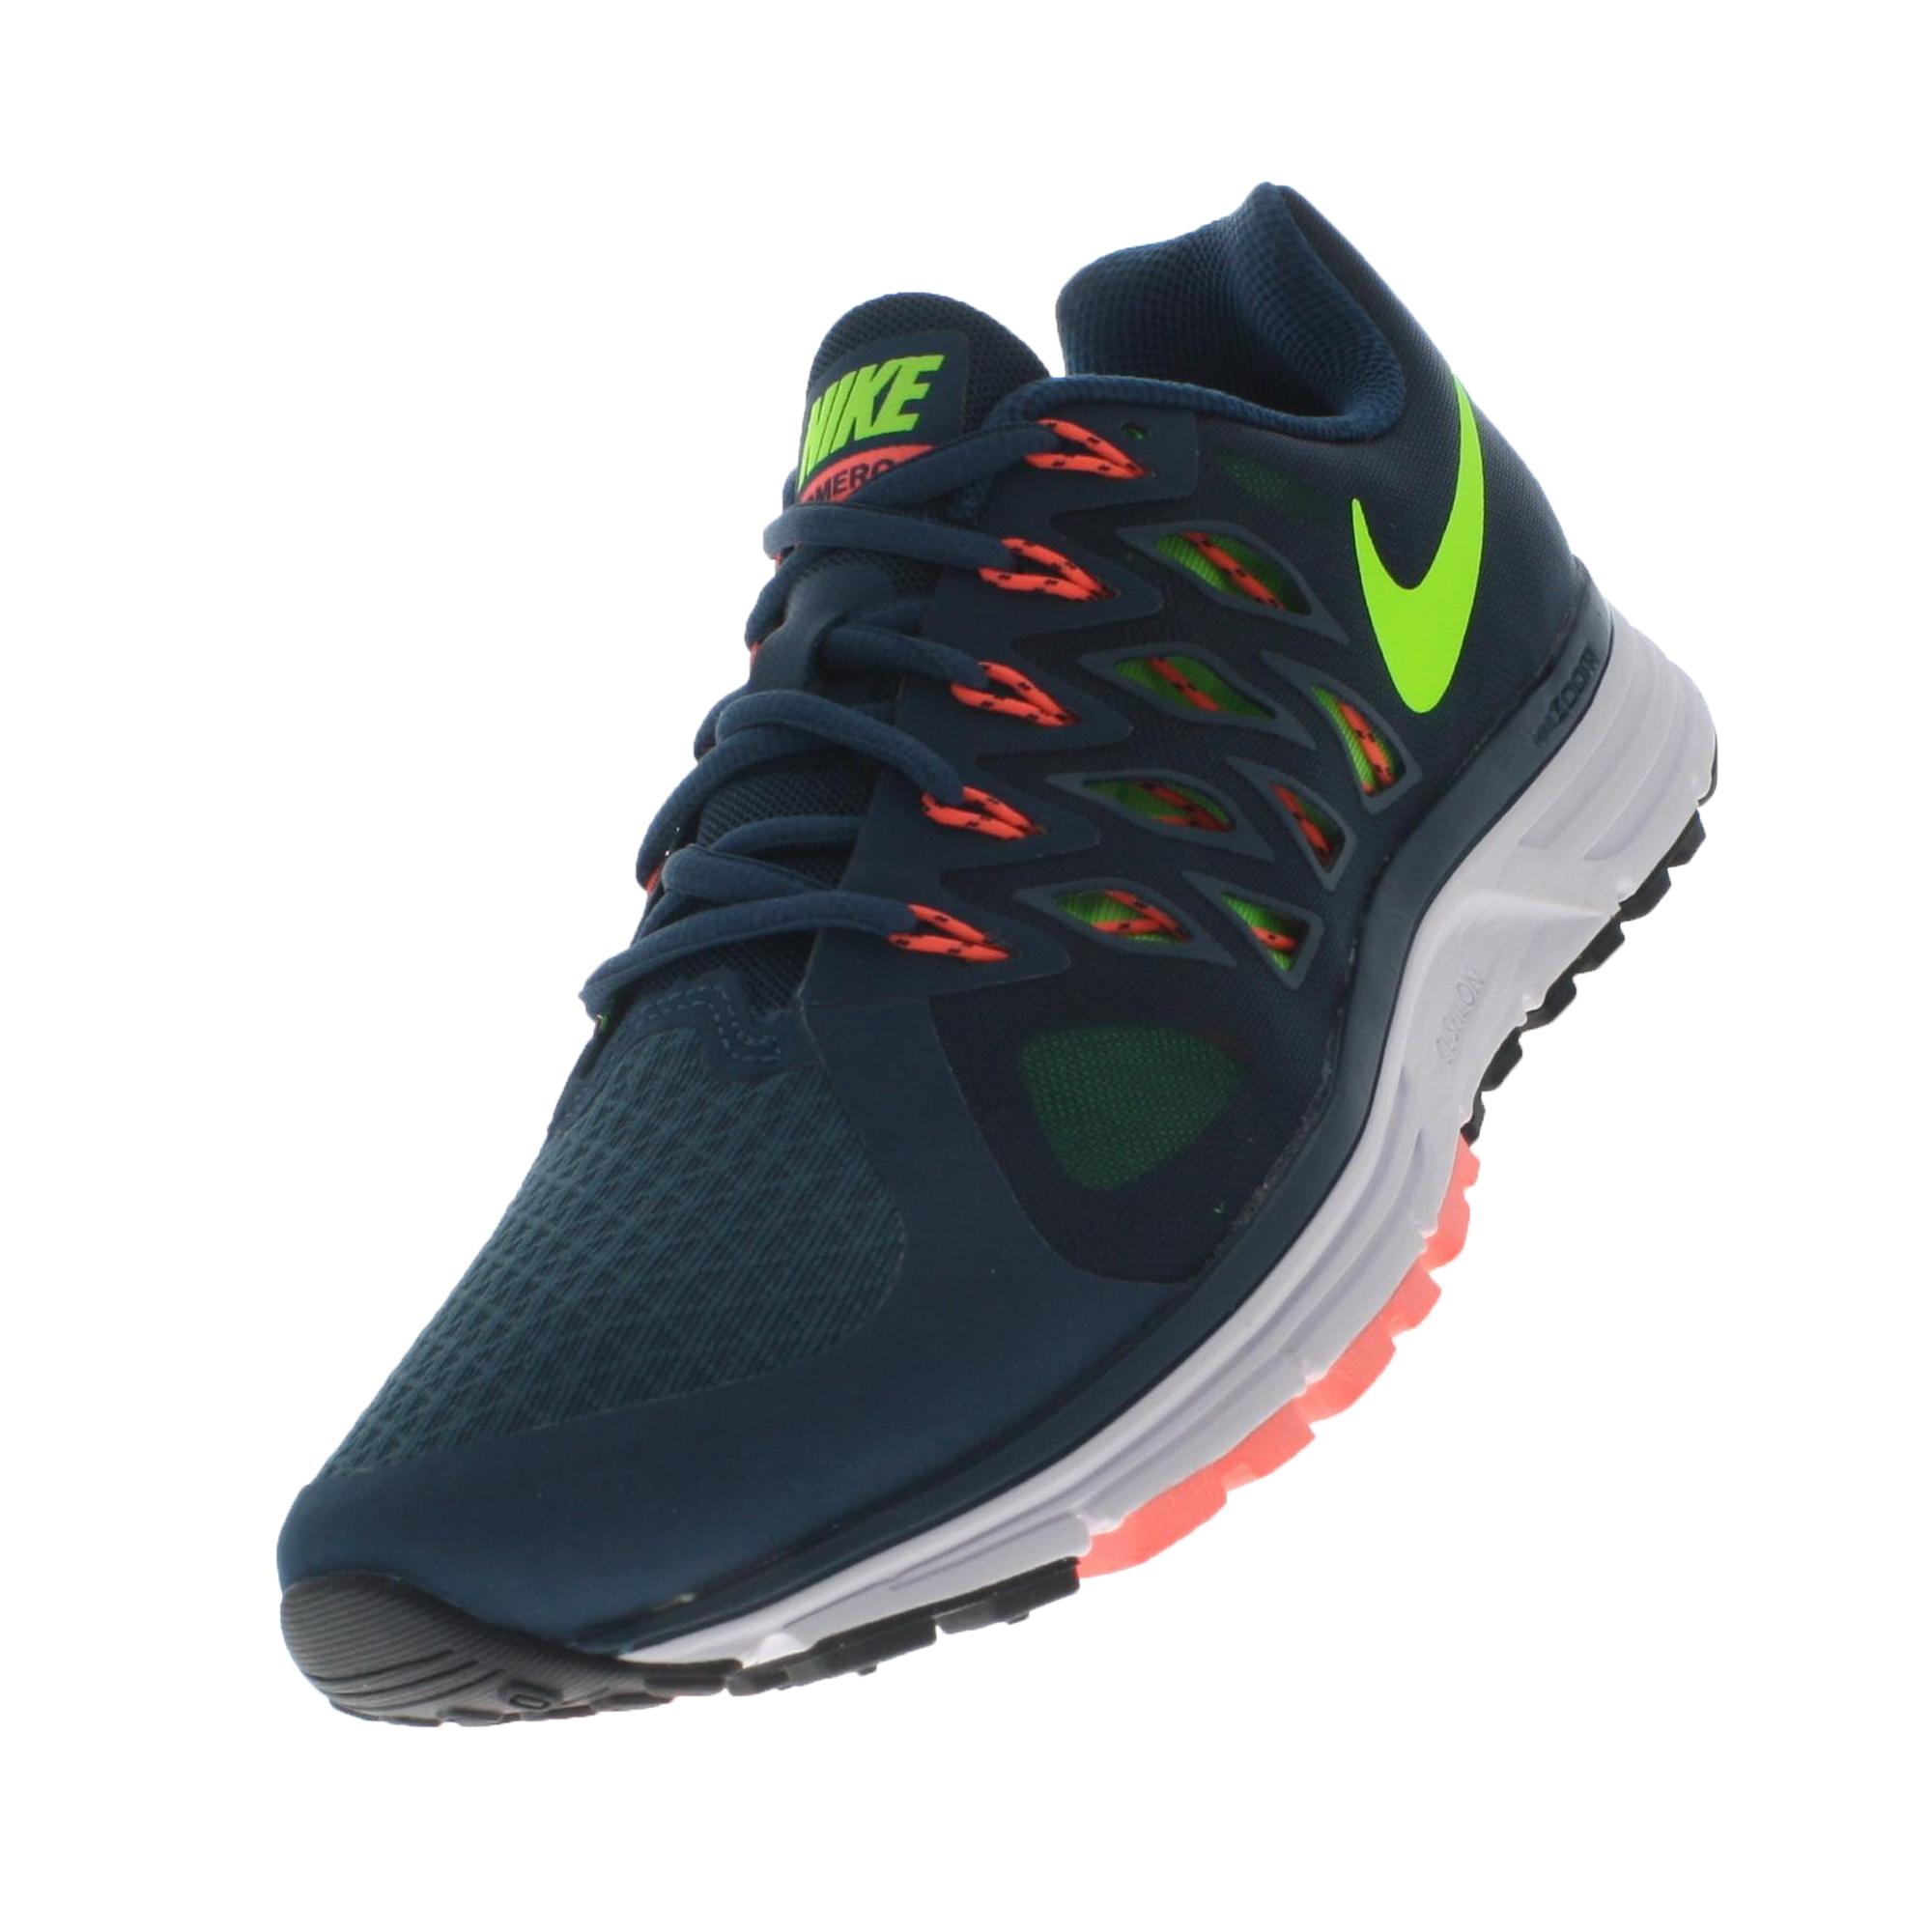 Nike Zoom Vomero 9 Kadın Spor Ayakkabı 642195 400 400 400 ceaf0c